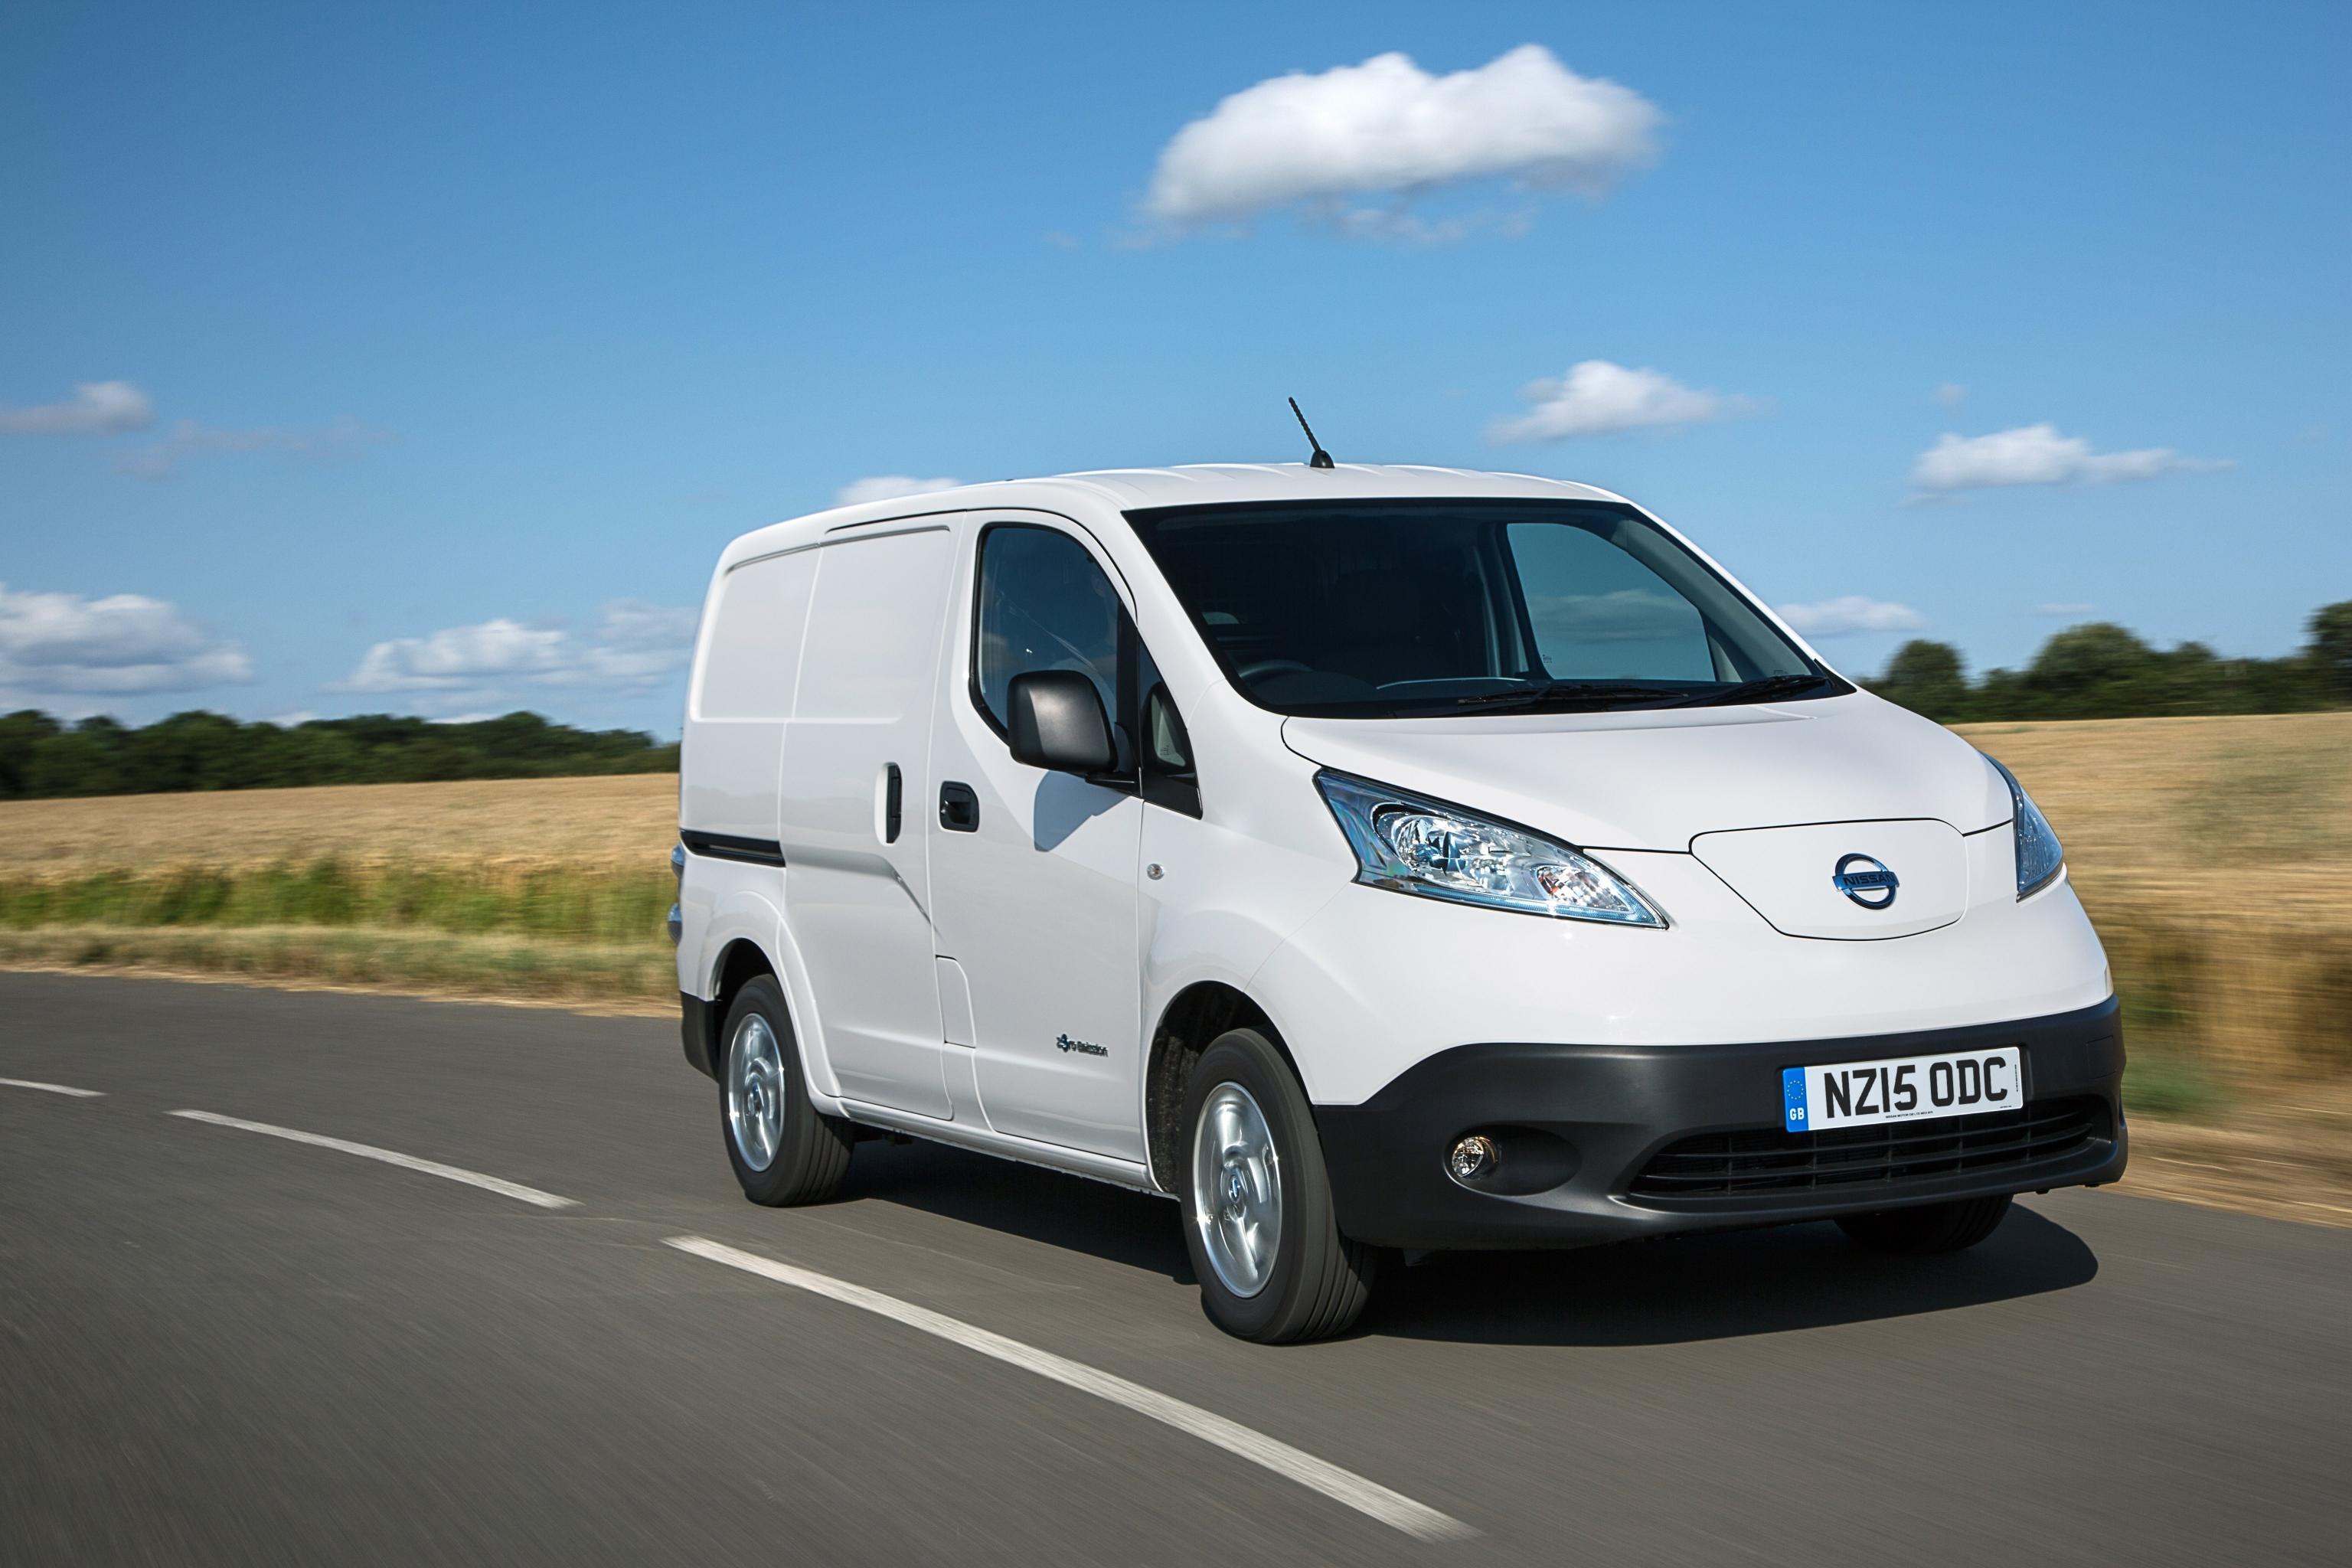 Nissan e-NV200 Zero Emission Van - Review